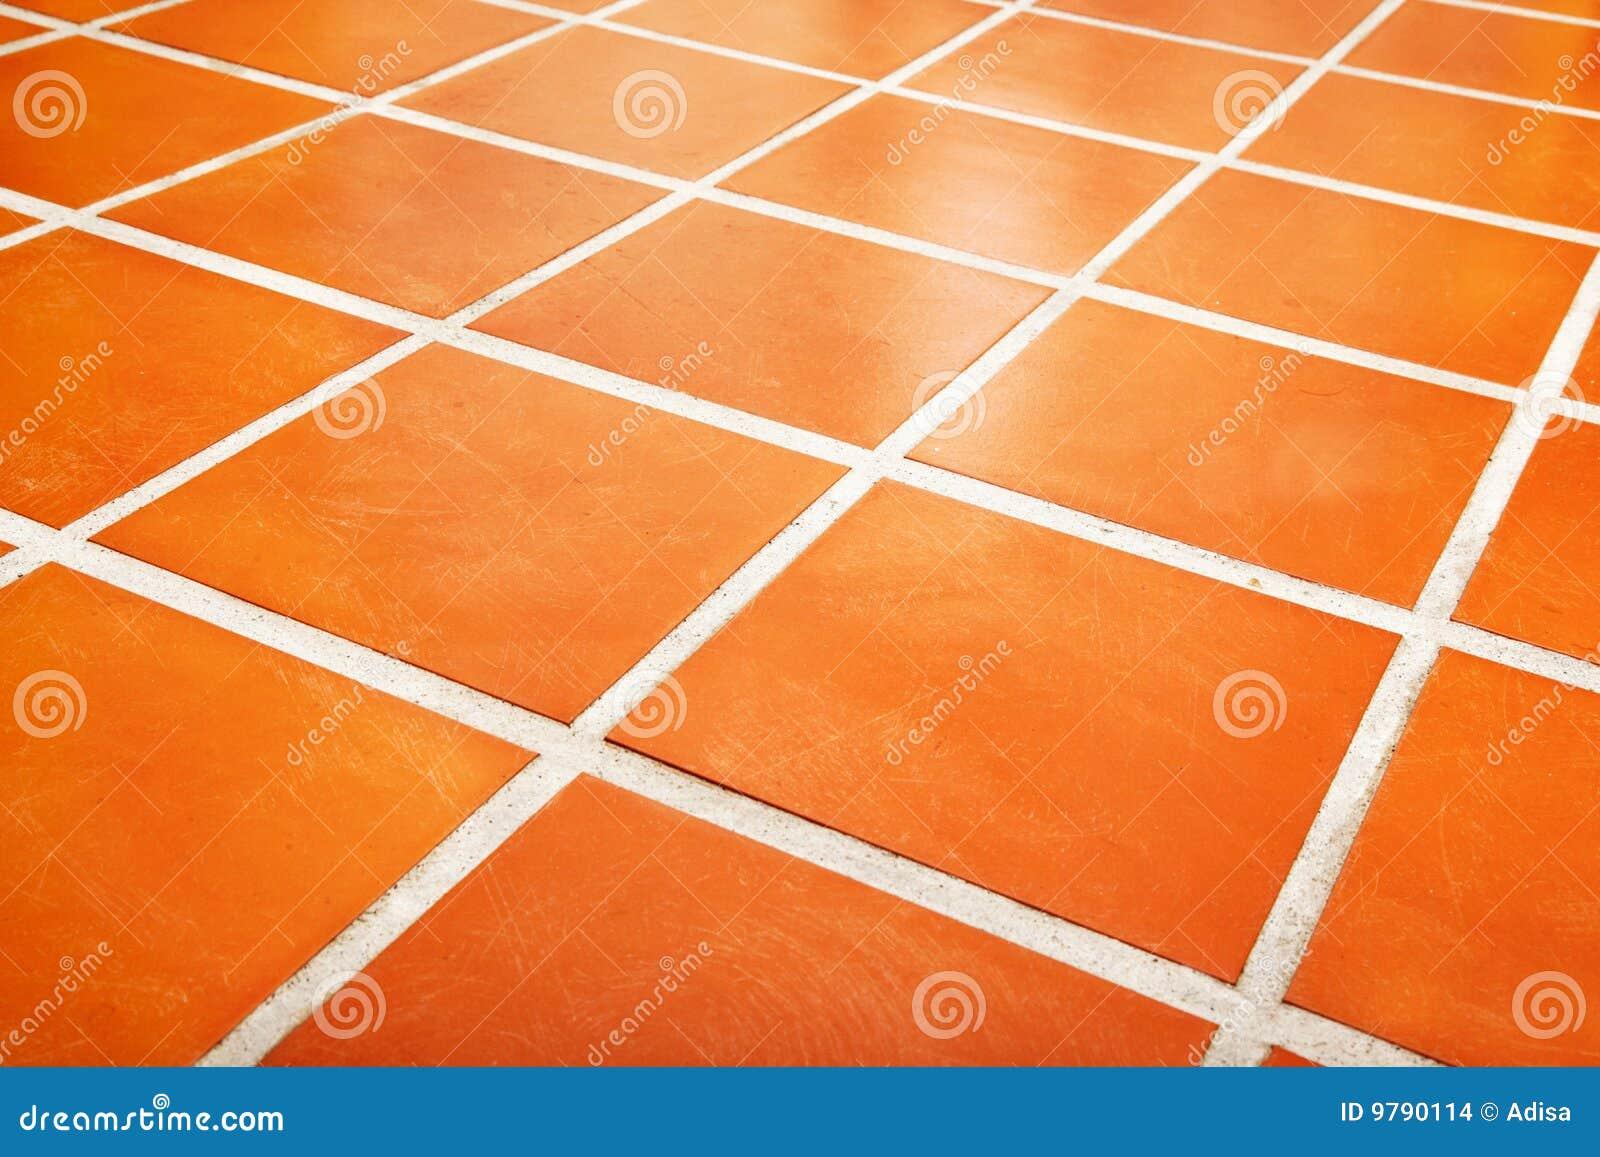 Fußboden Aus Ziegel ~ Keramischer mit ziegeln gedeckter fußboden stockfoto bild von